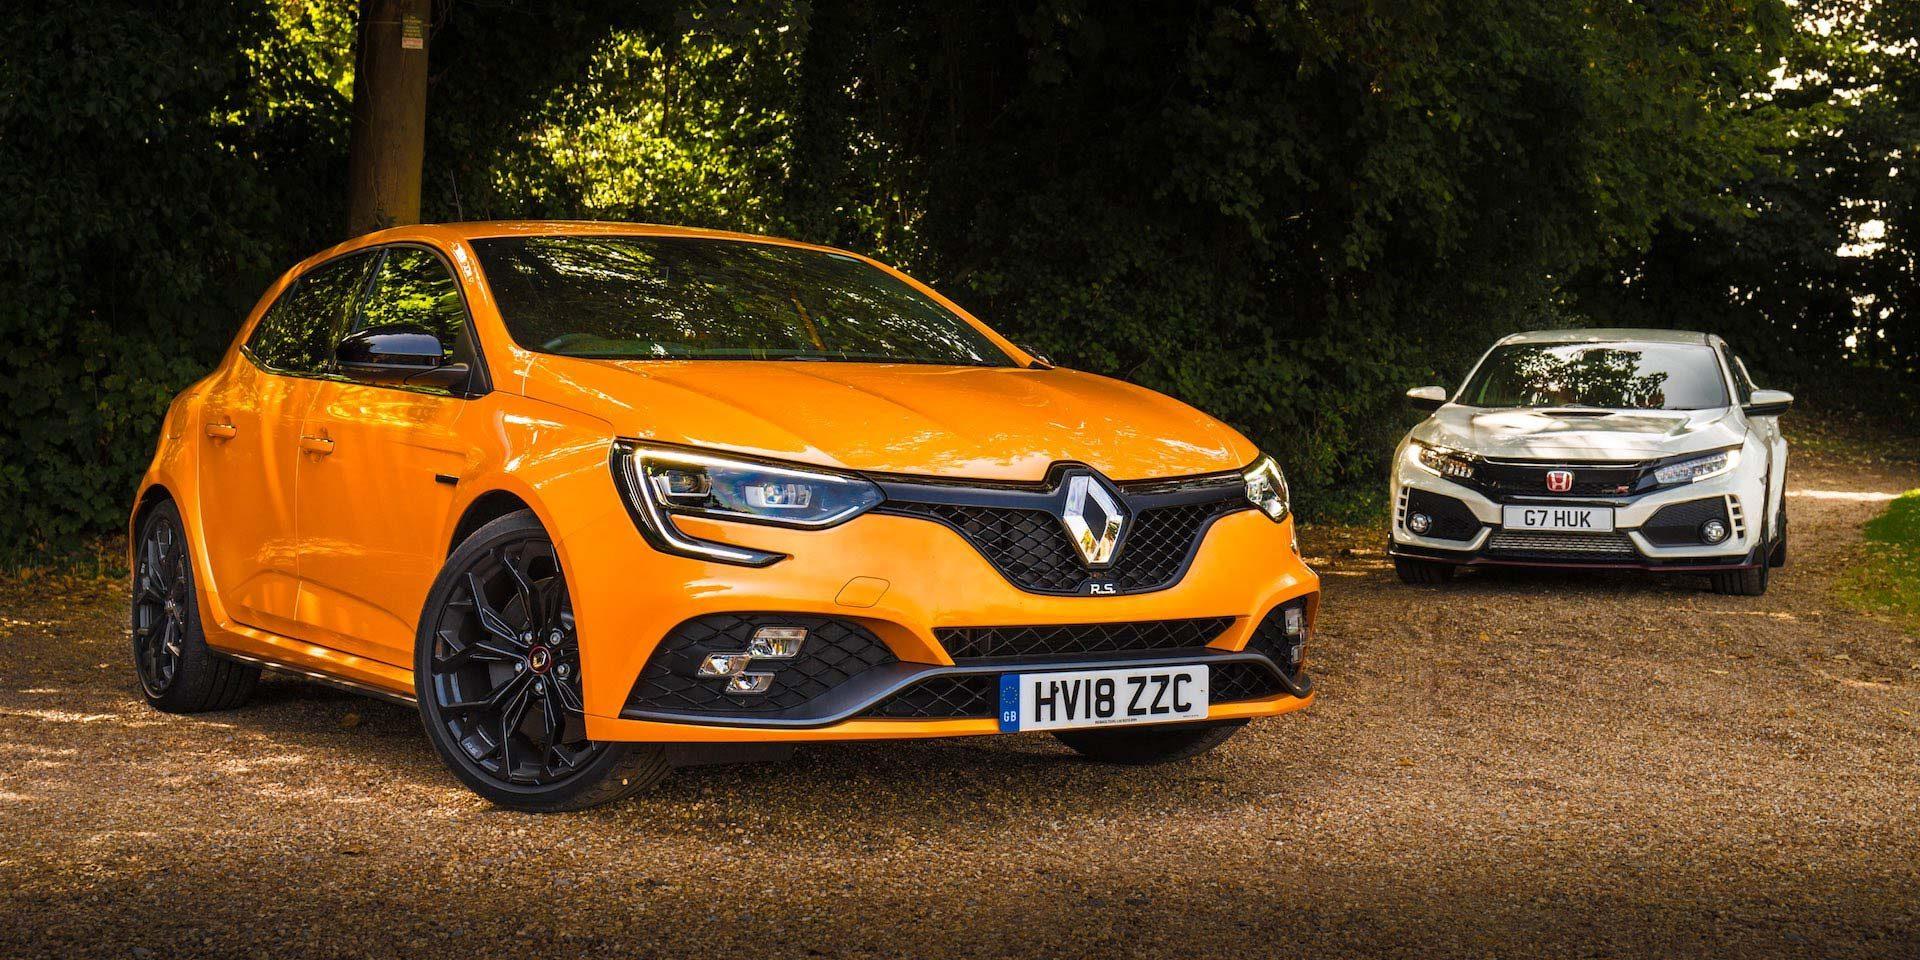 Renault Megane RS vs Honda Civic Type R | The Car Expert